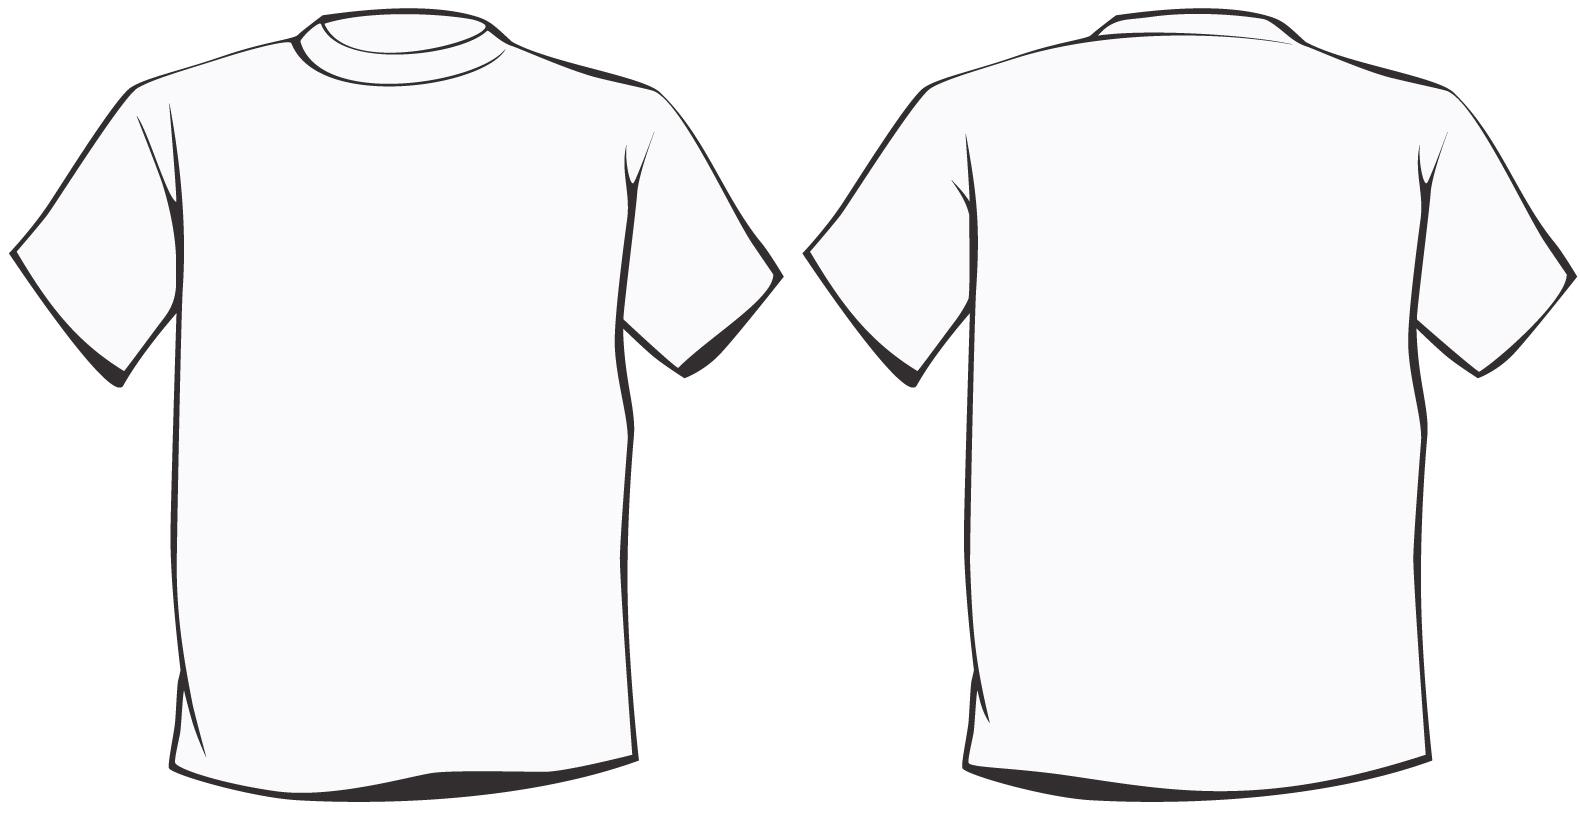 962eb716823b9 Här finns en bild på en t-shirt som du kan använda som utgångspunkt om du  vill.